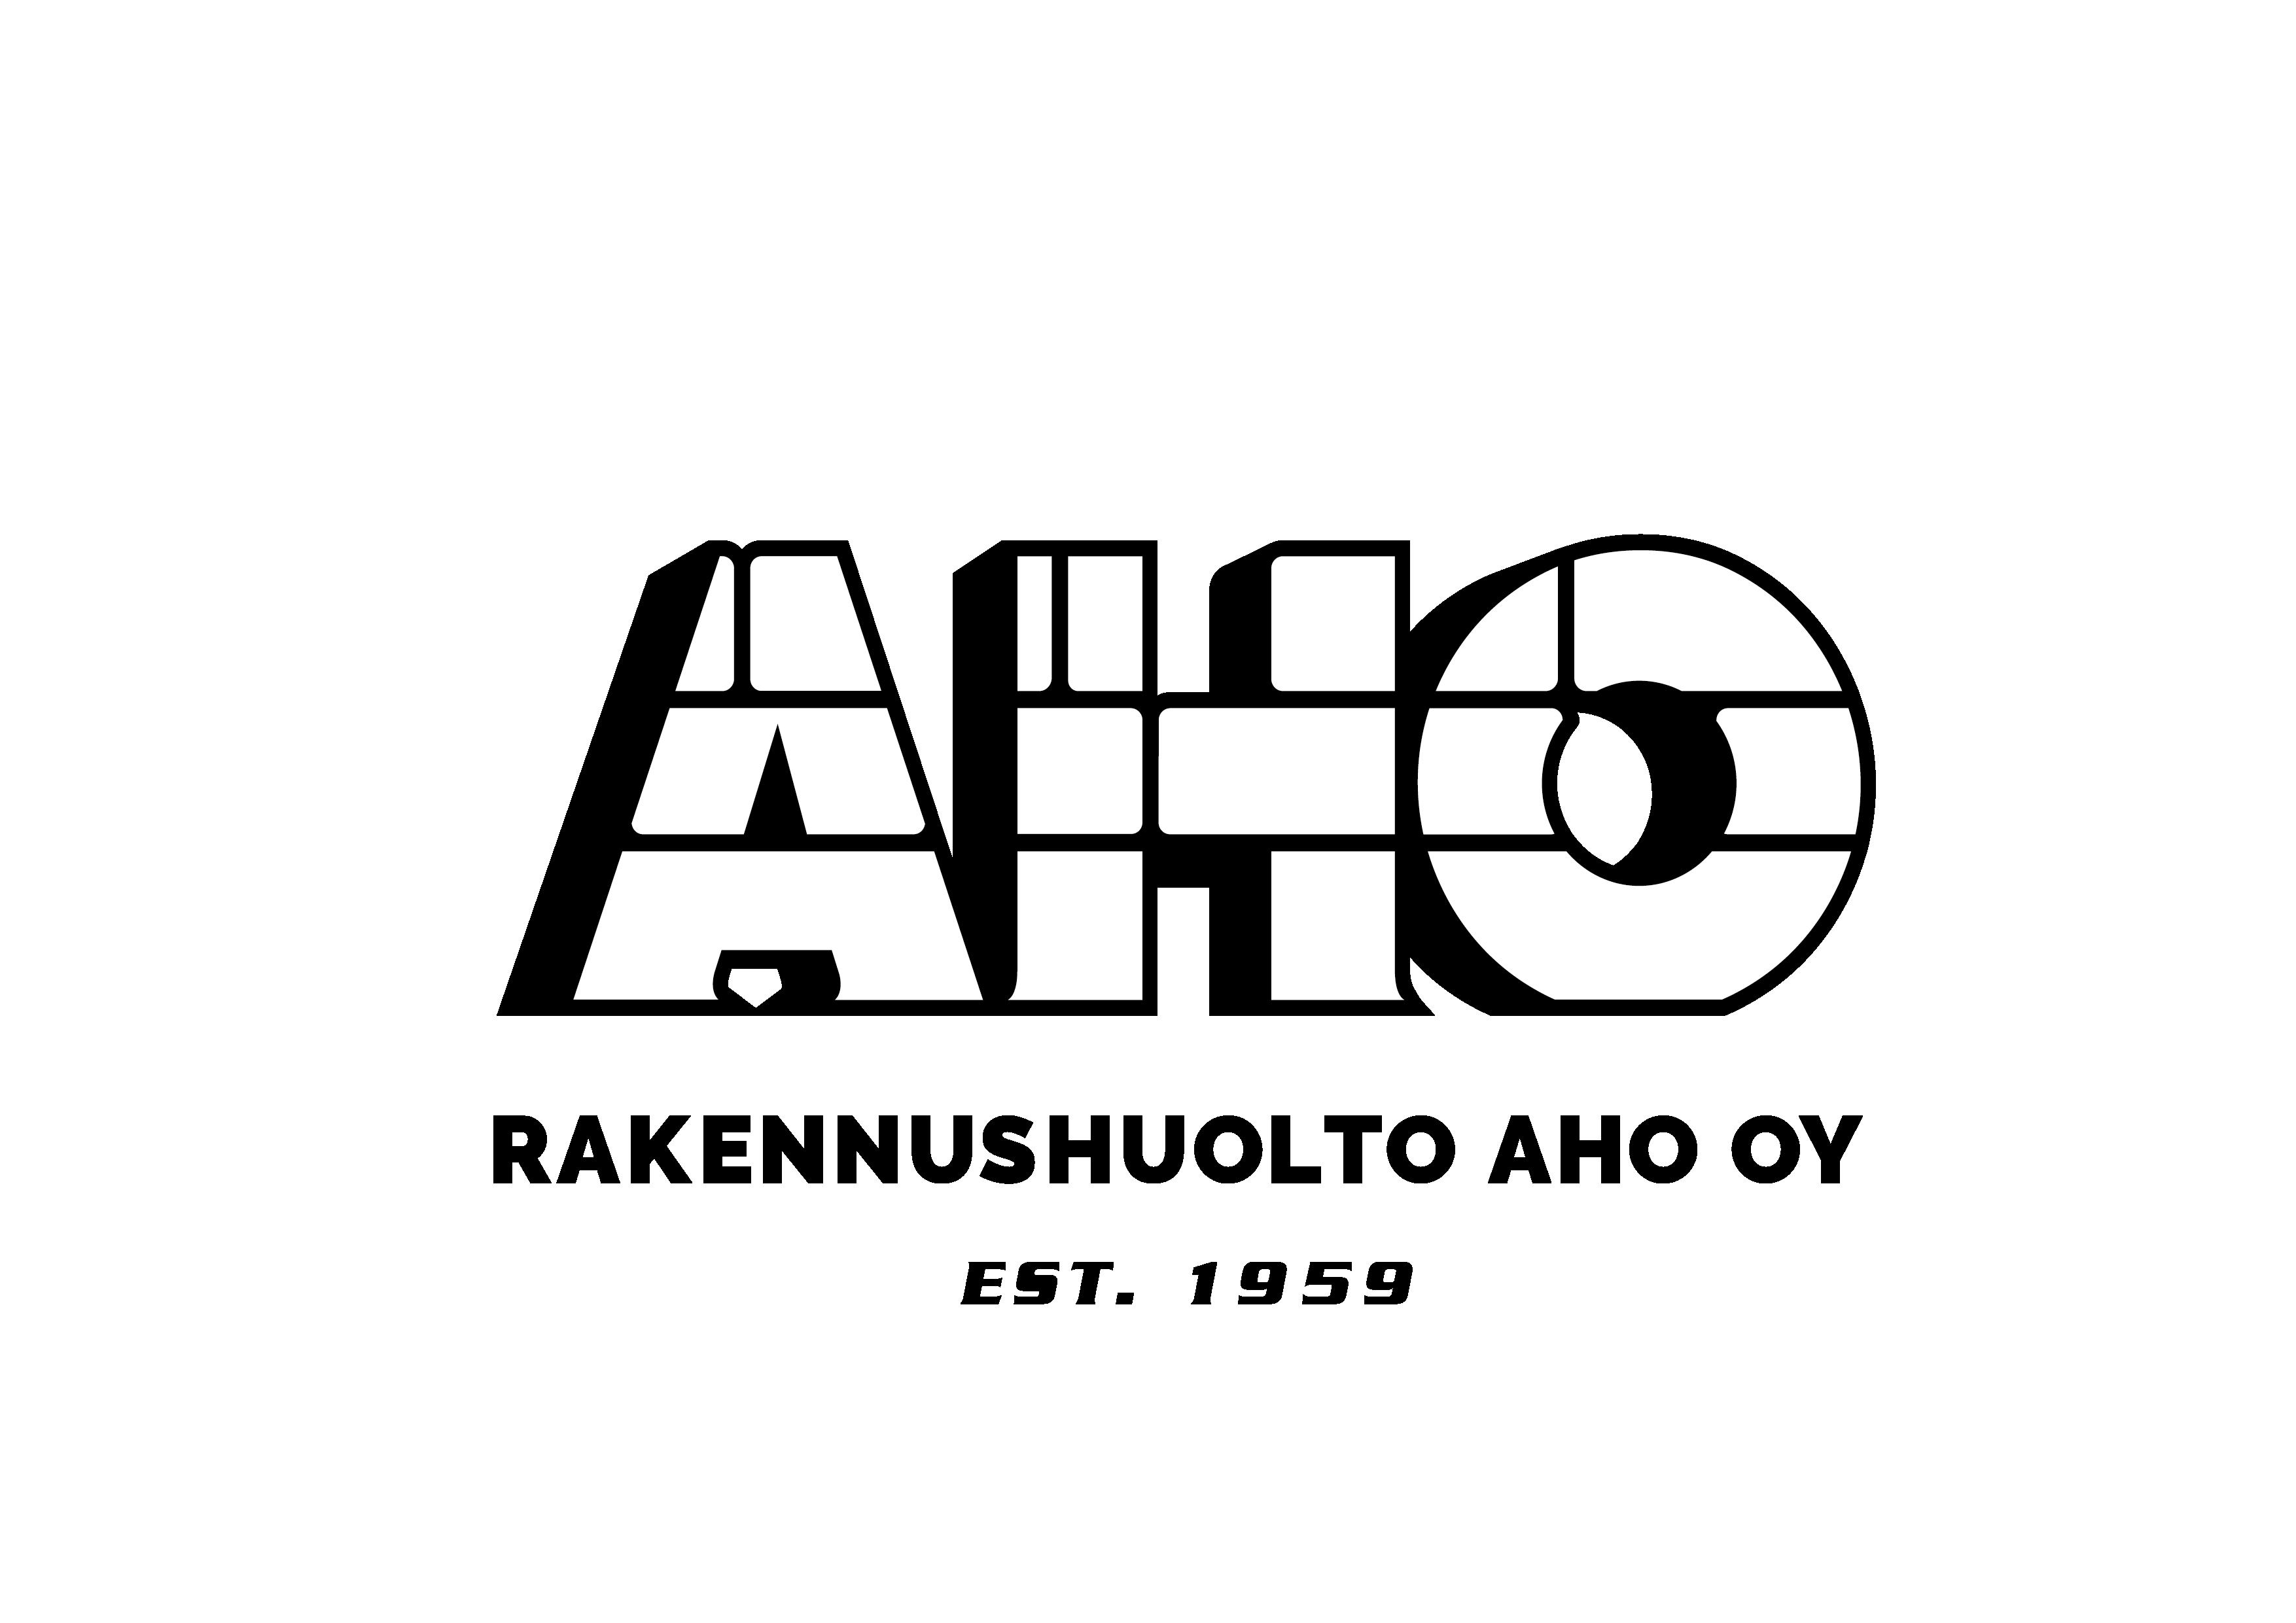 Rakennushuolto Aho 60-vuotta -logo